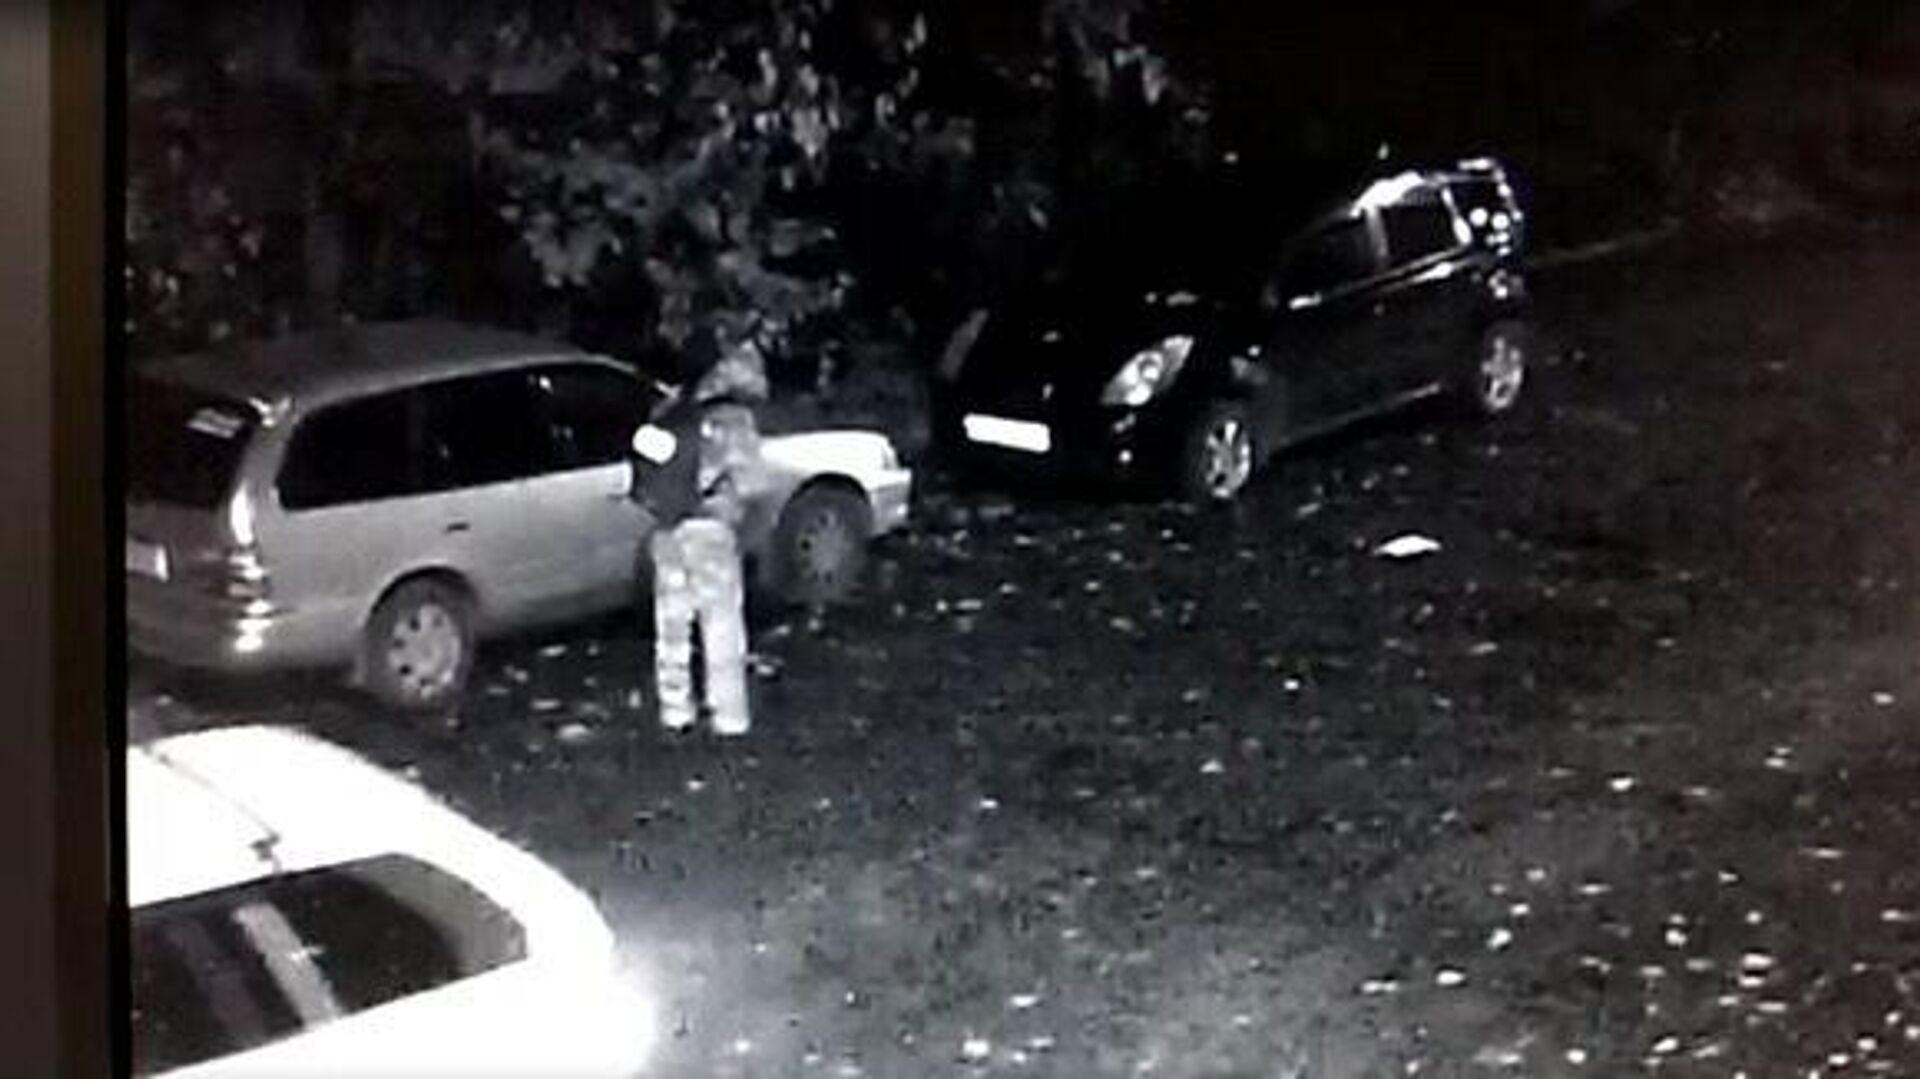 Мужчина, подозреваемый в нападении на двух девушек, на записи с камер наблюдения - РИА Новости, 1920, 27.10.2020